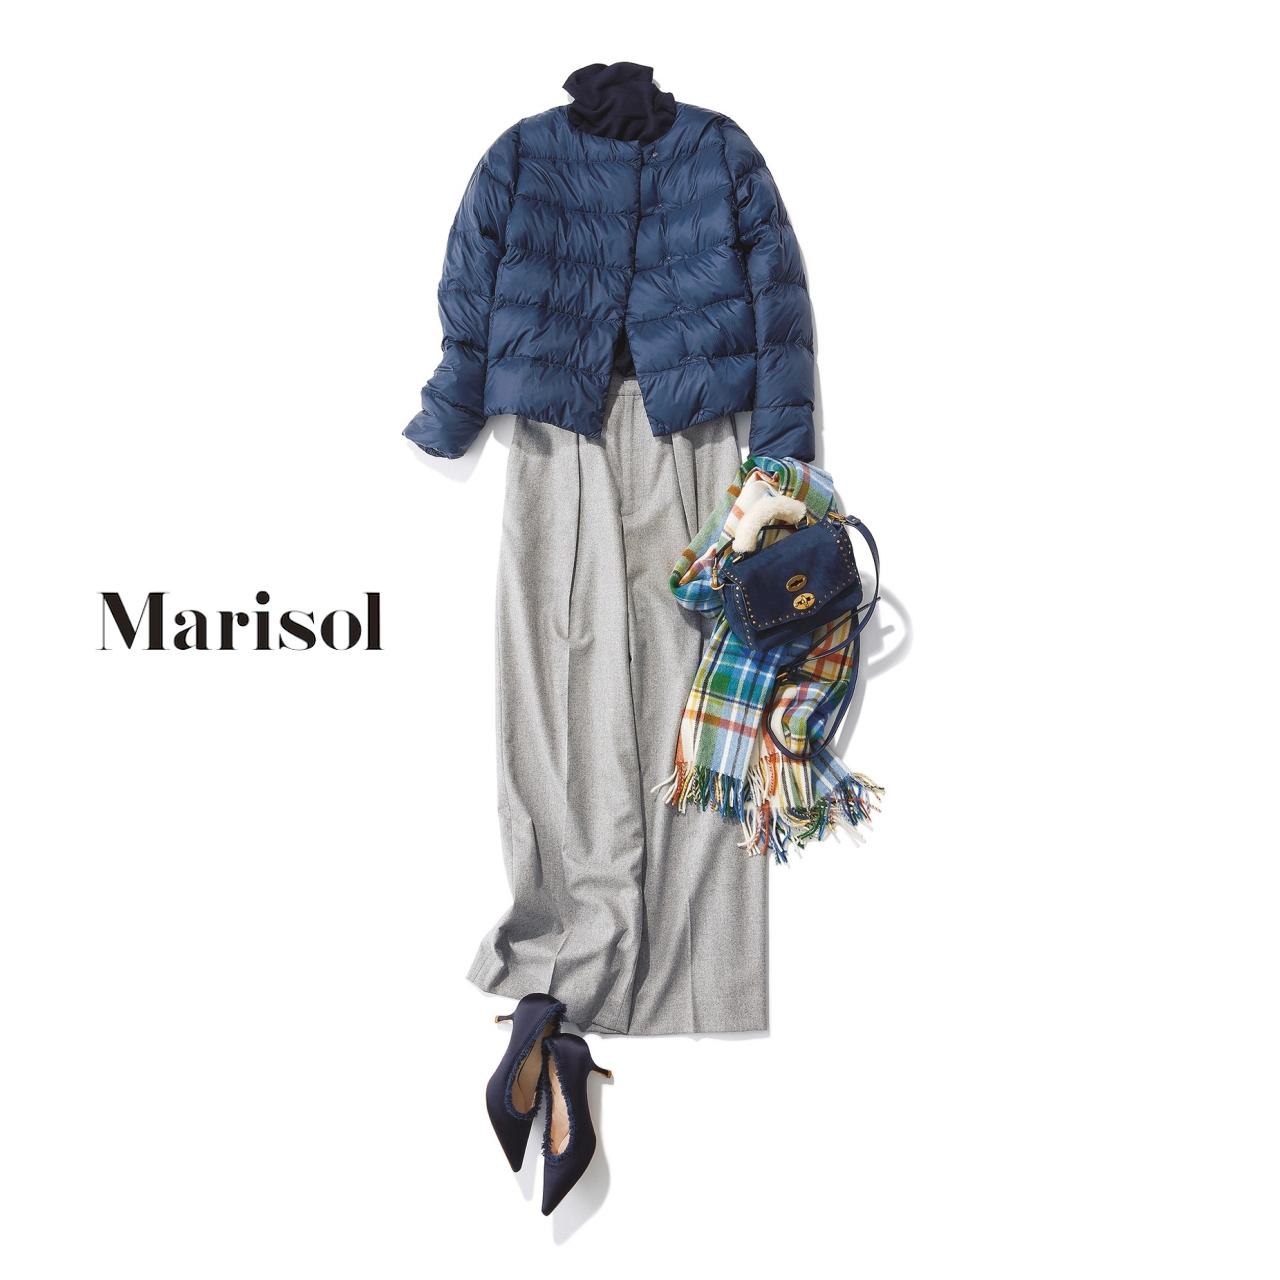 40代ファッション ダウンジャケット×ワイドパンツコーデ